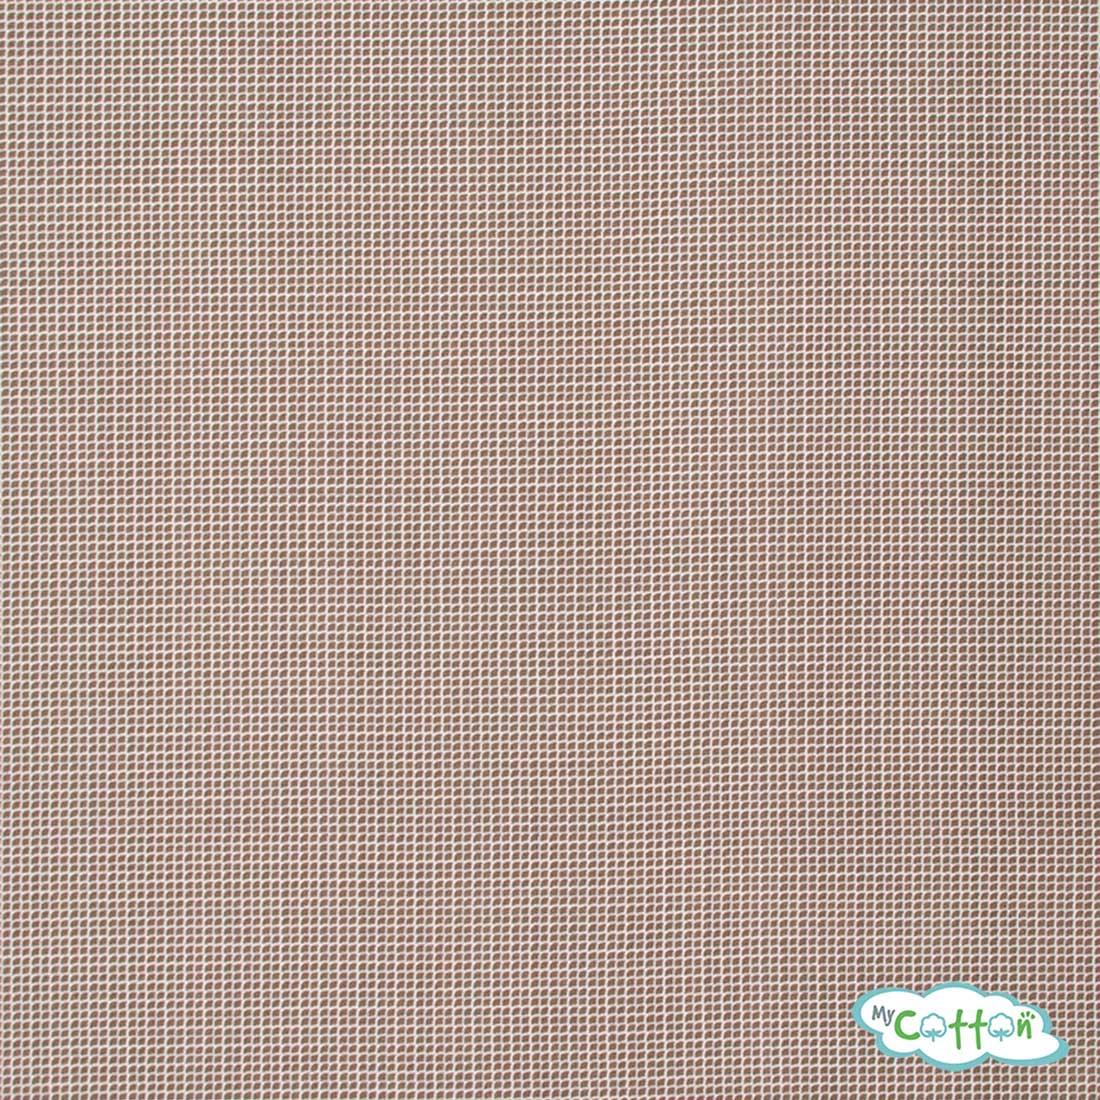 Постельное белье Eterno Fiorire (Этерно Фиорире) коллекцияВаленсия (Valencia)